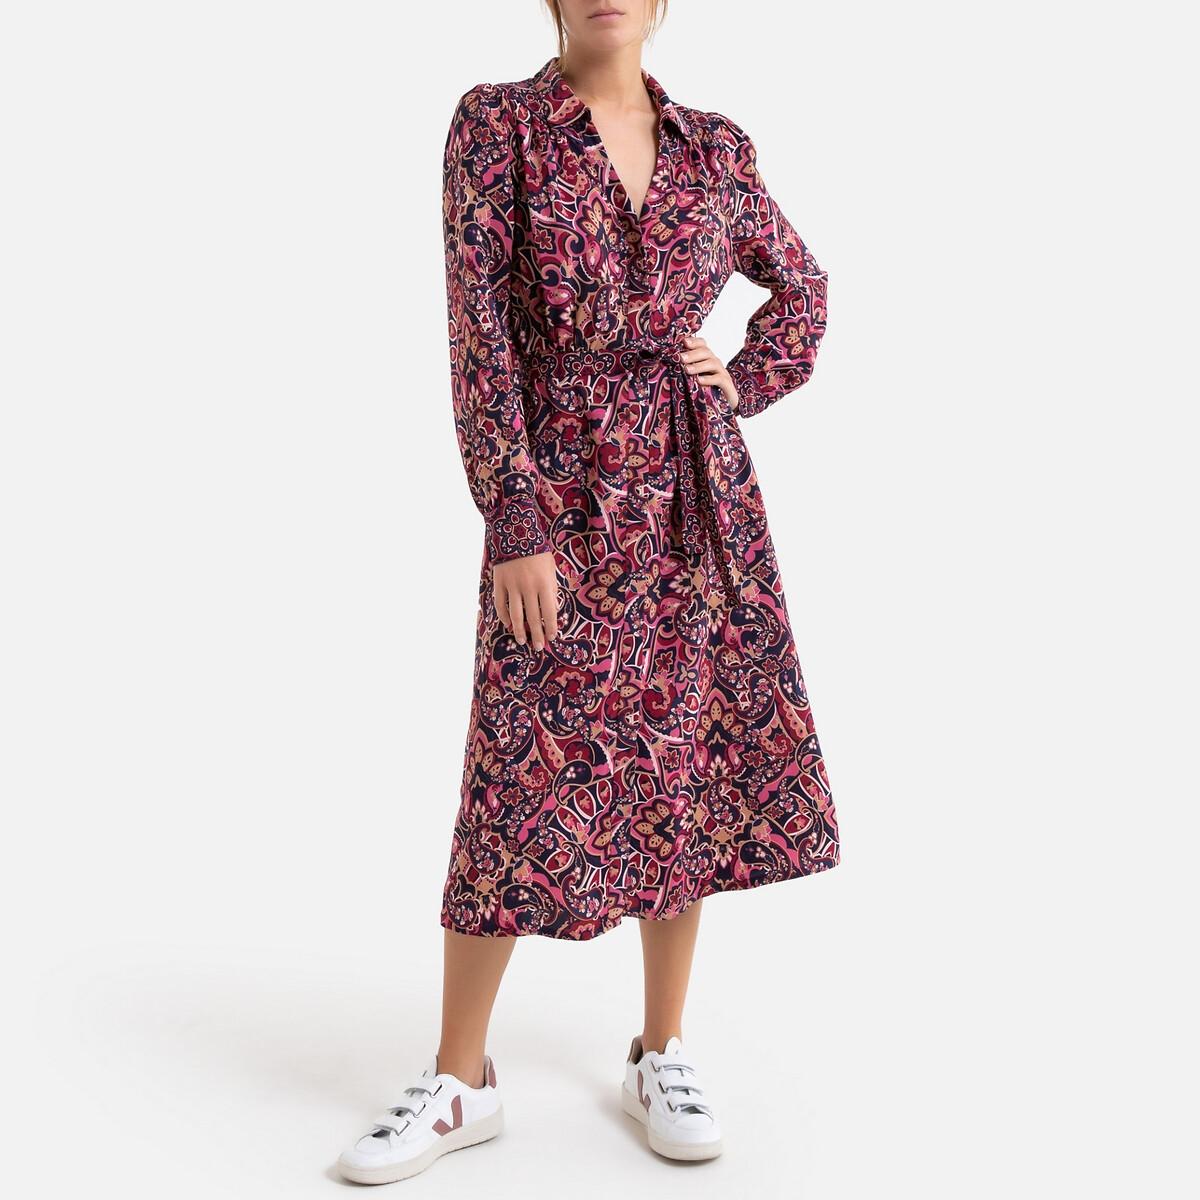 Платье LaRedoute Длинное прямое с кашемировым рисунком 3(L) розовый универсальное платье с рисунком supres